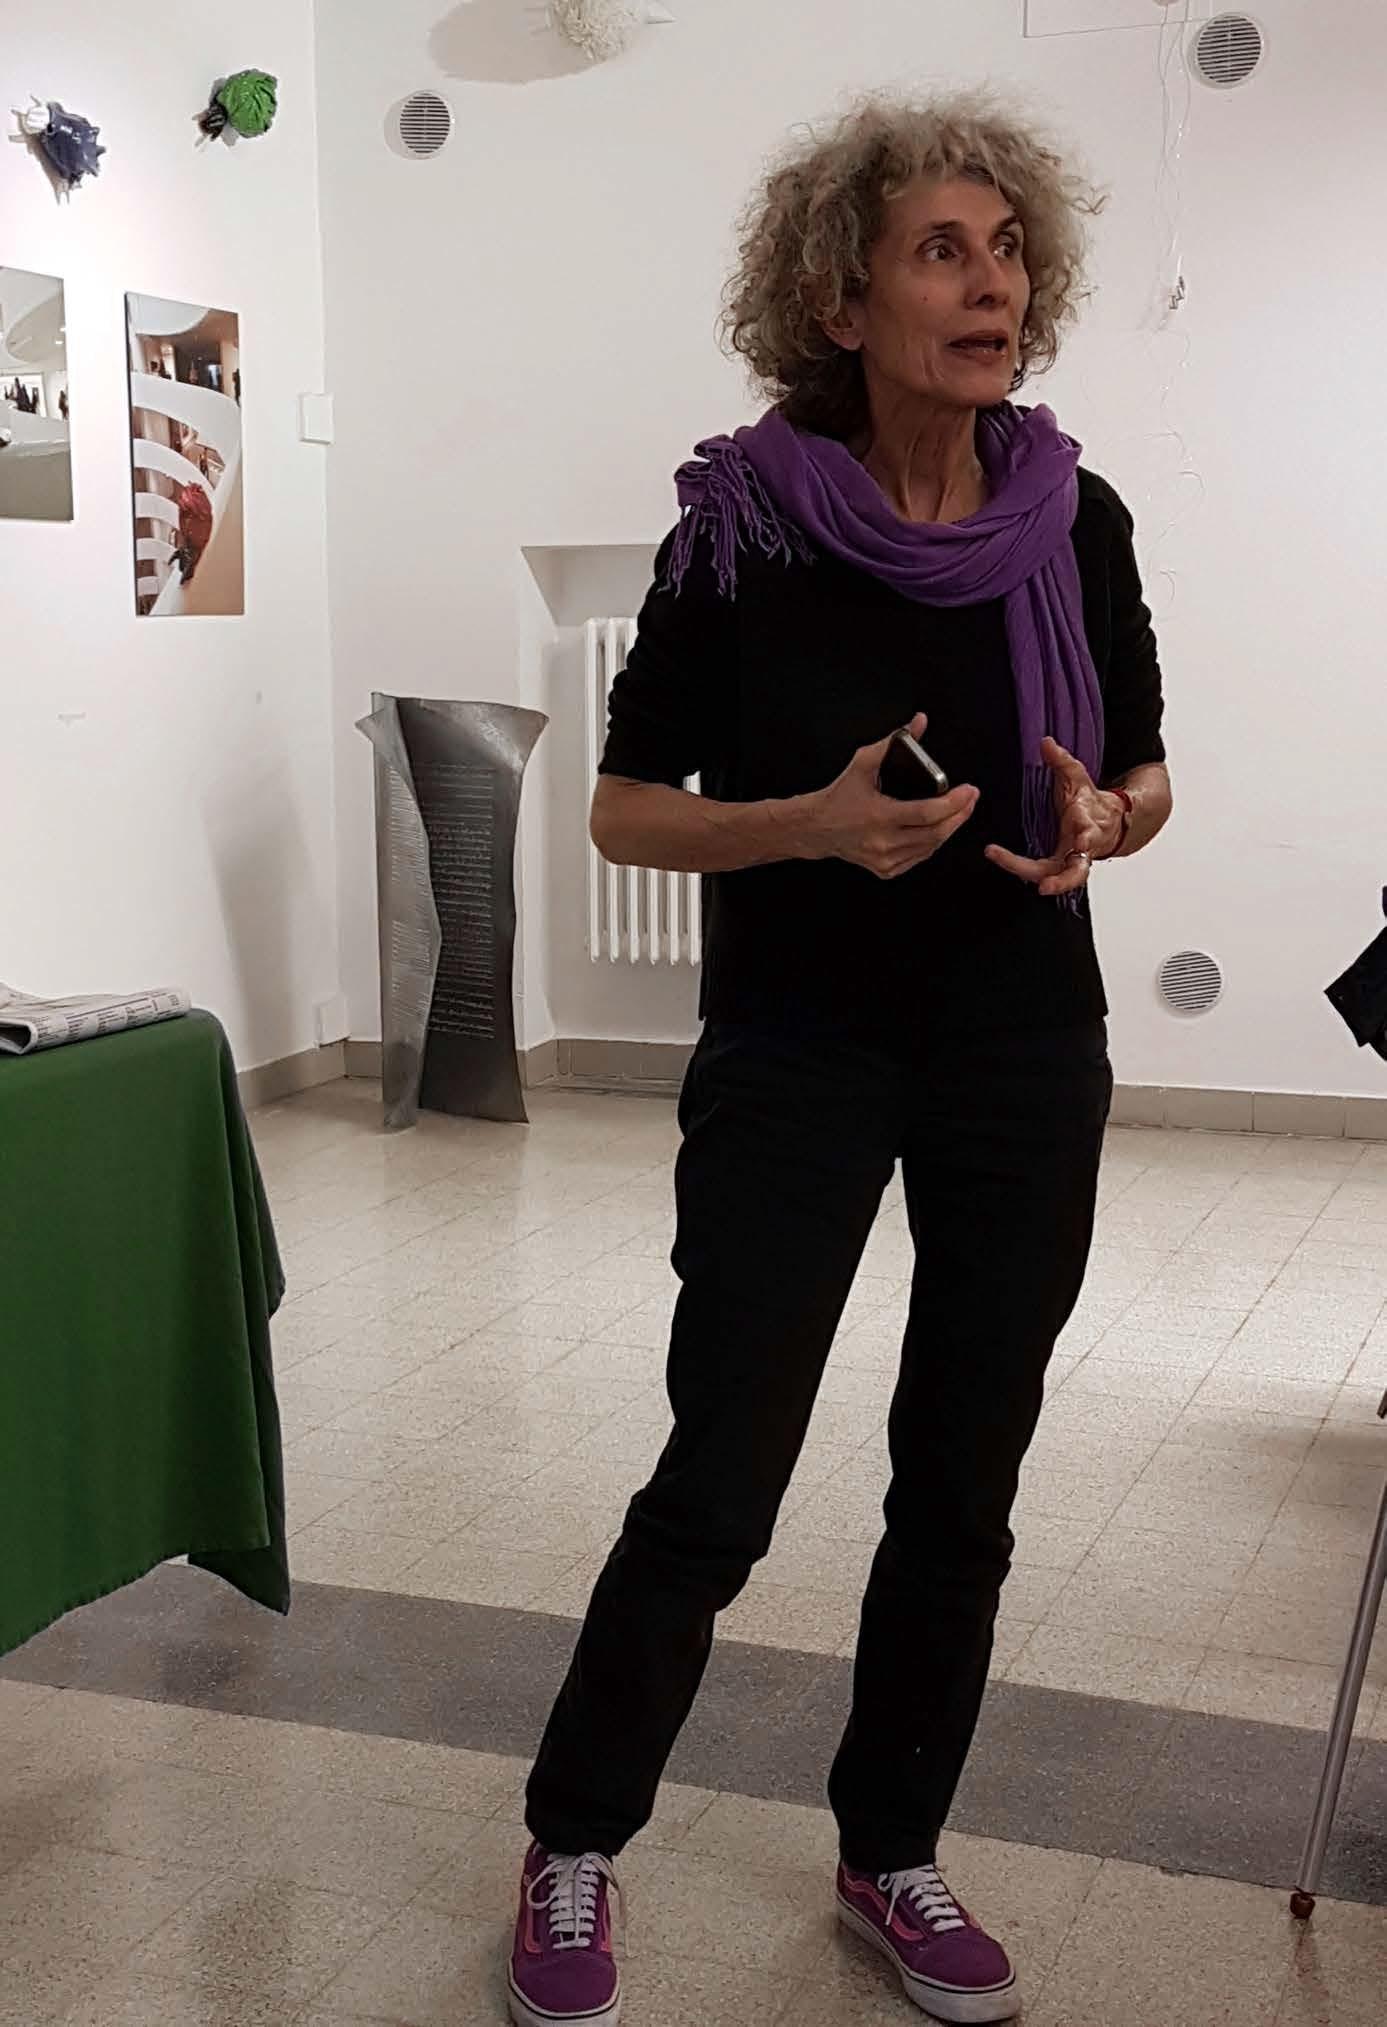 Clara Bonfiglio Back to College 2